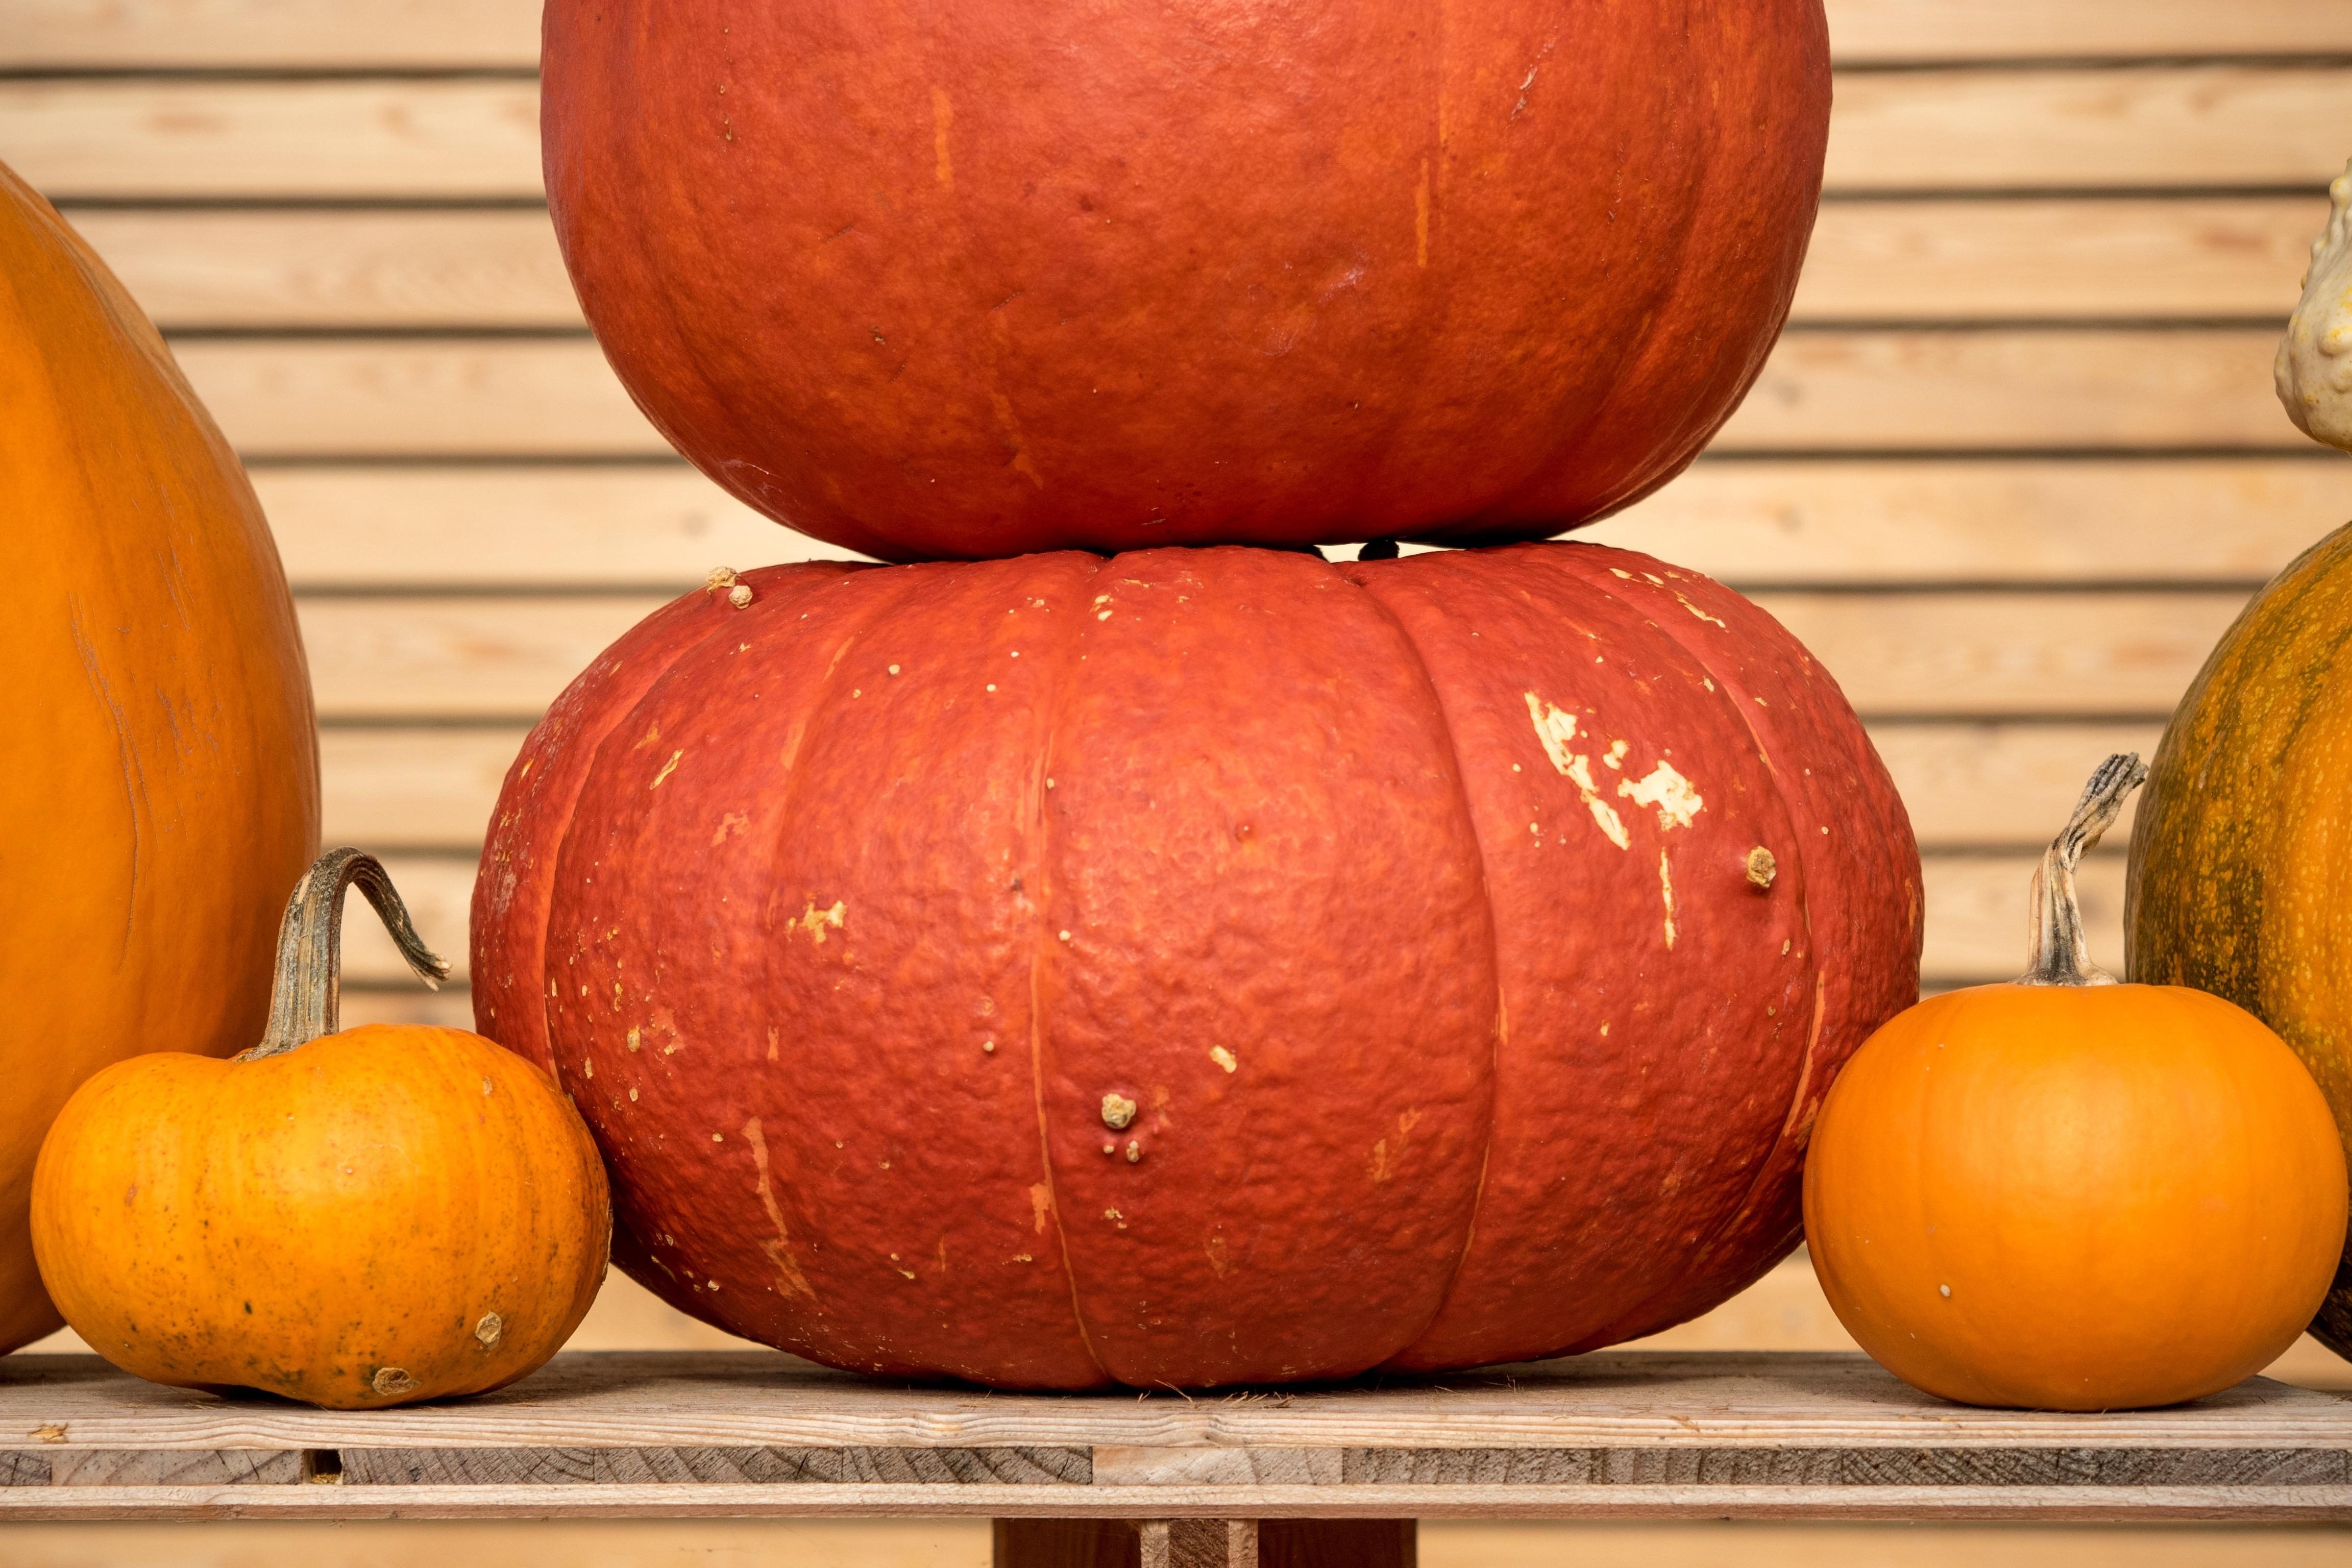 free images structure decoration orange food golden harvest